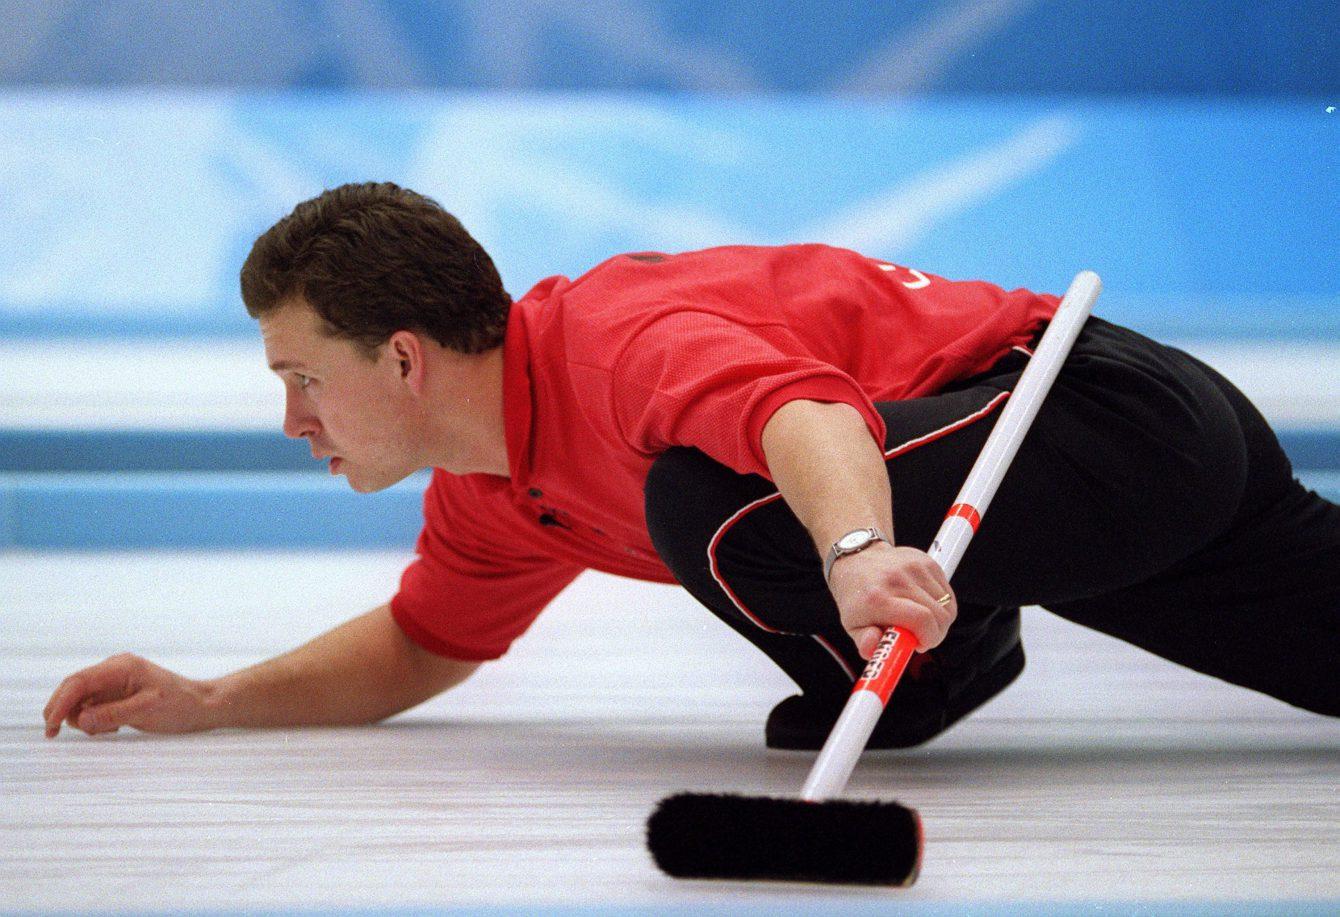 Un homme joue au curling